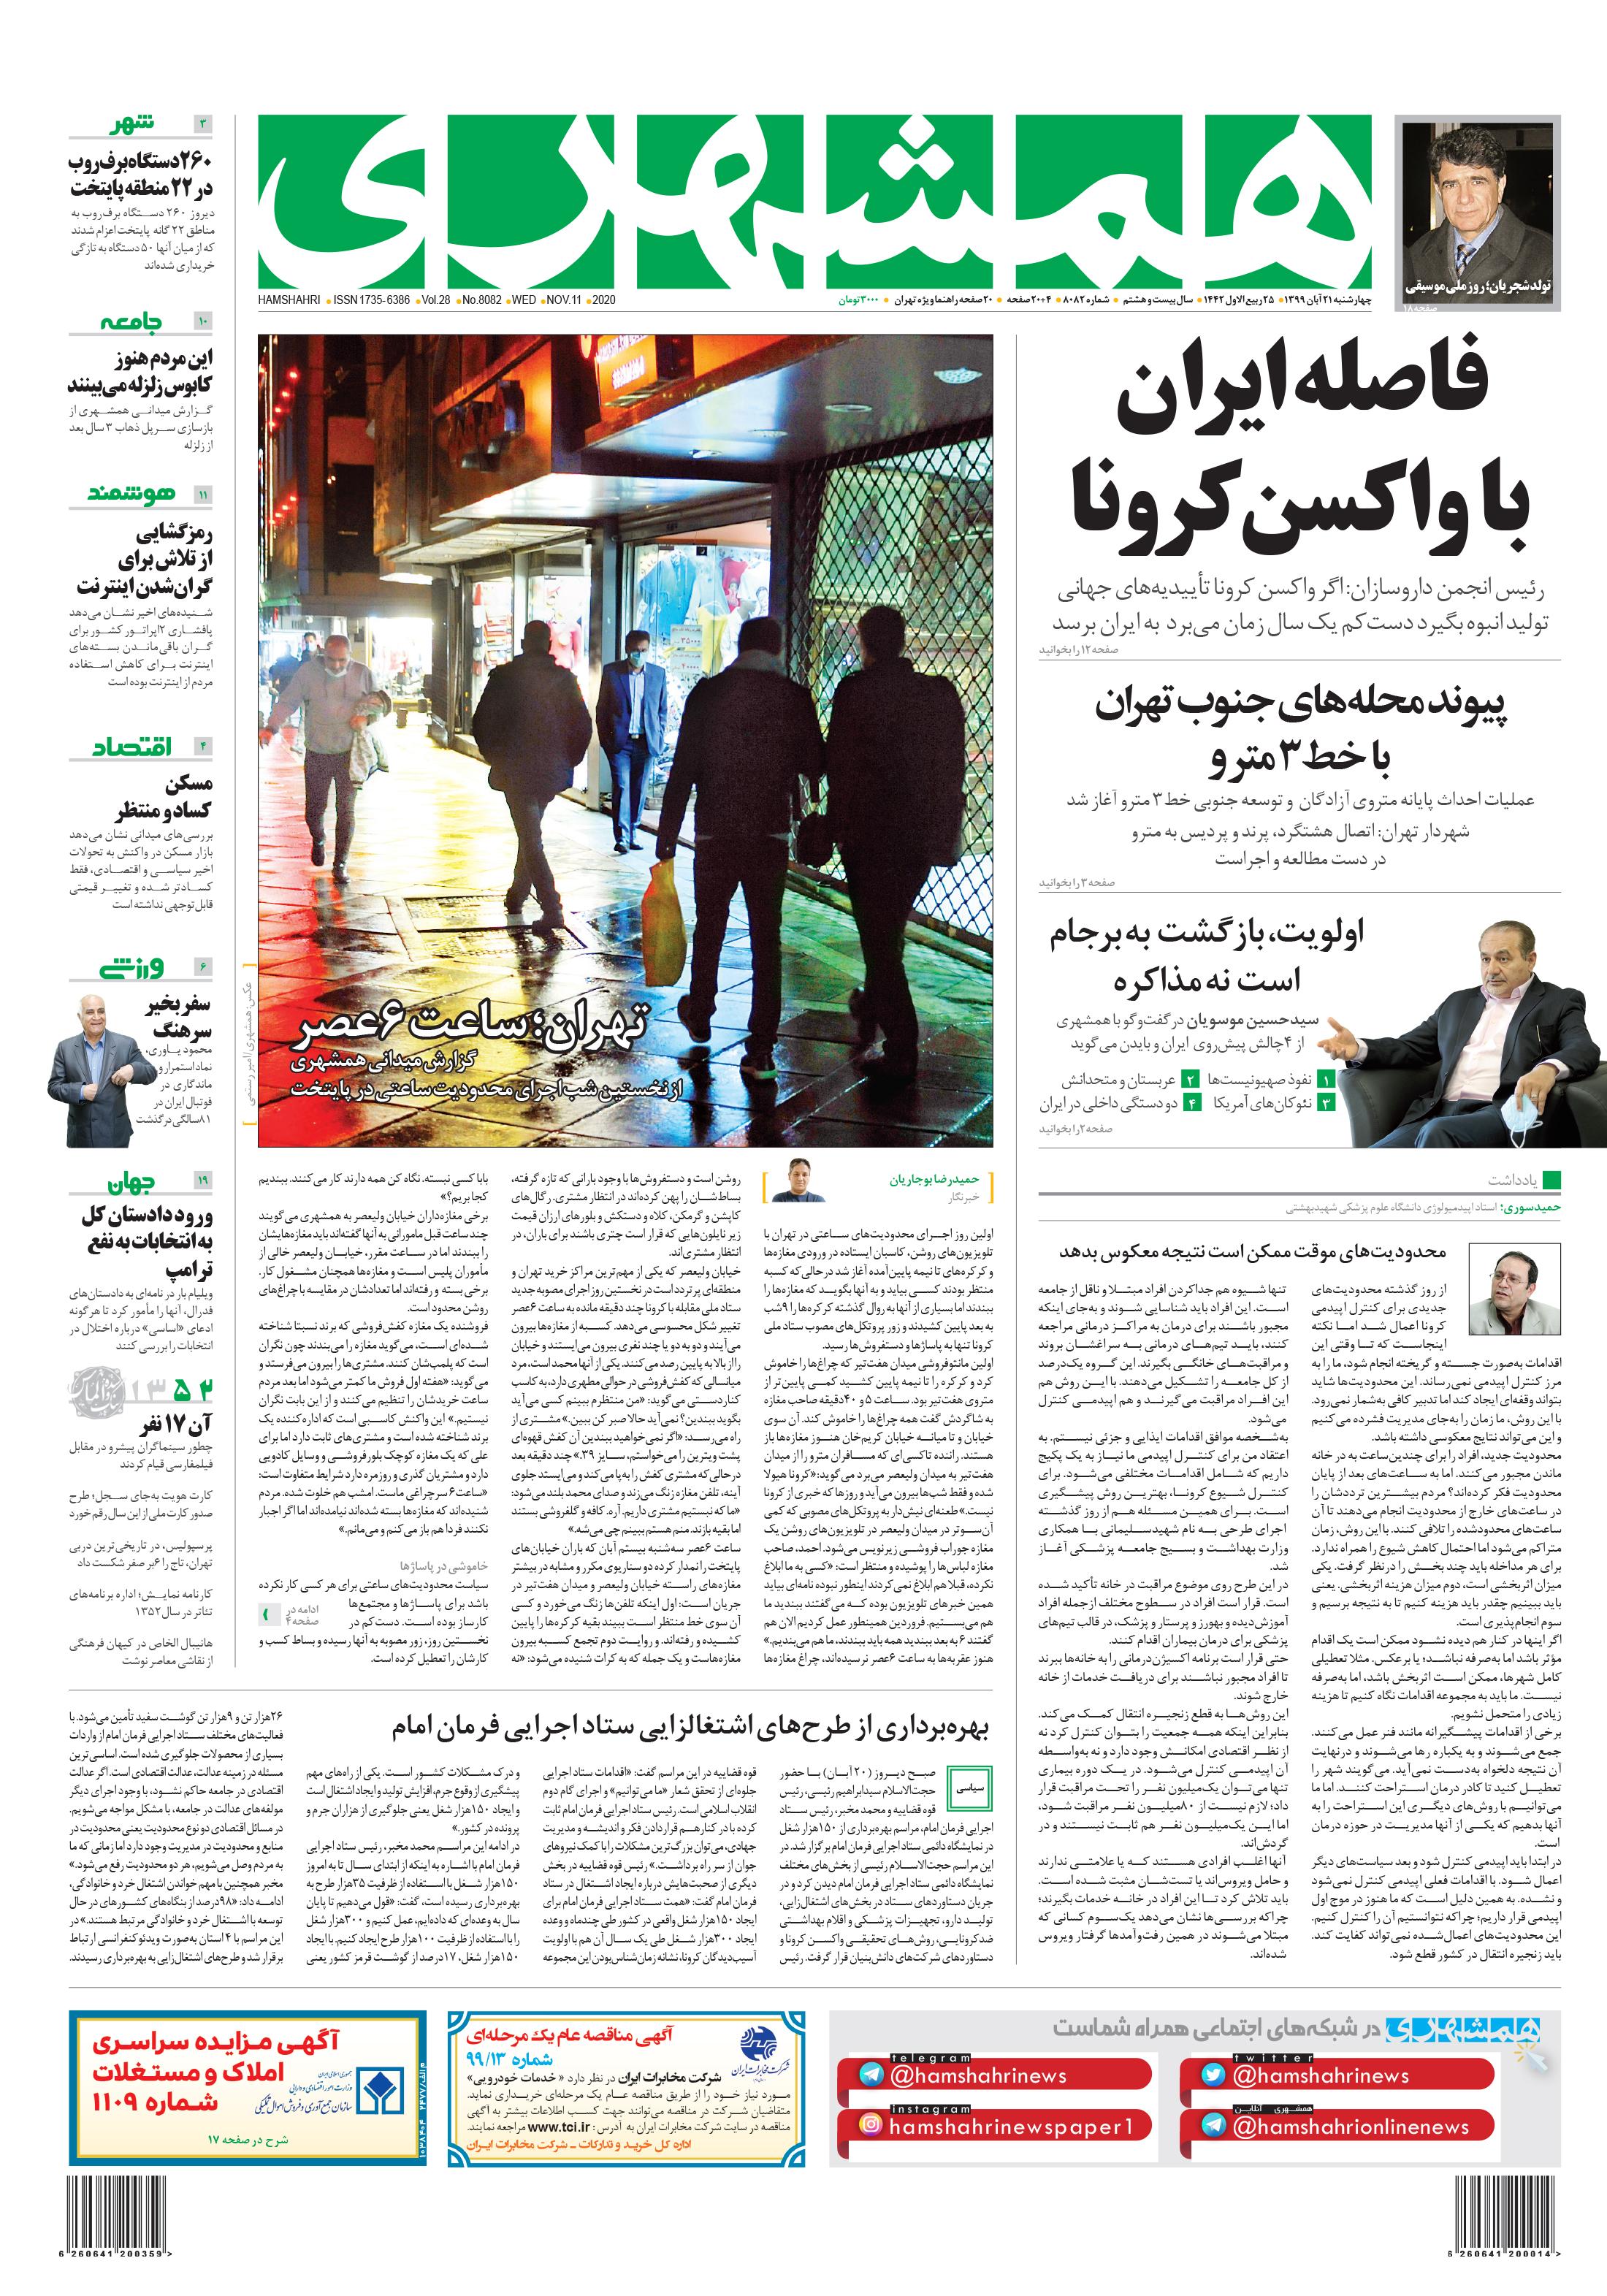 صفحه اول چهارشنبه 21 آبان 1399